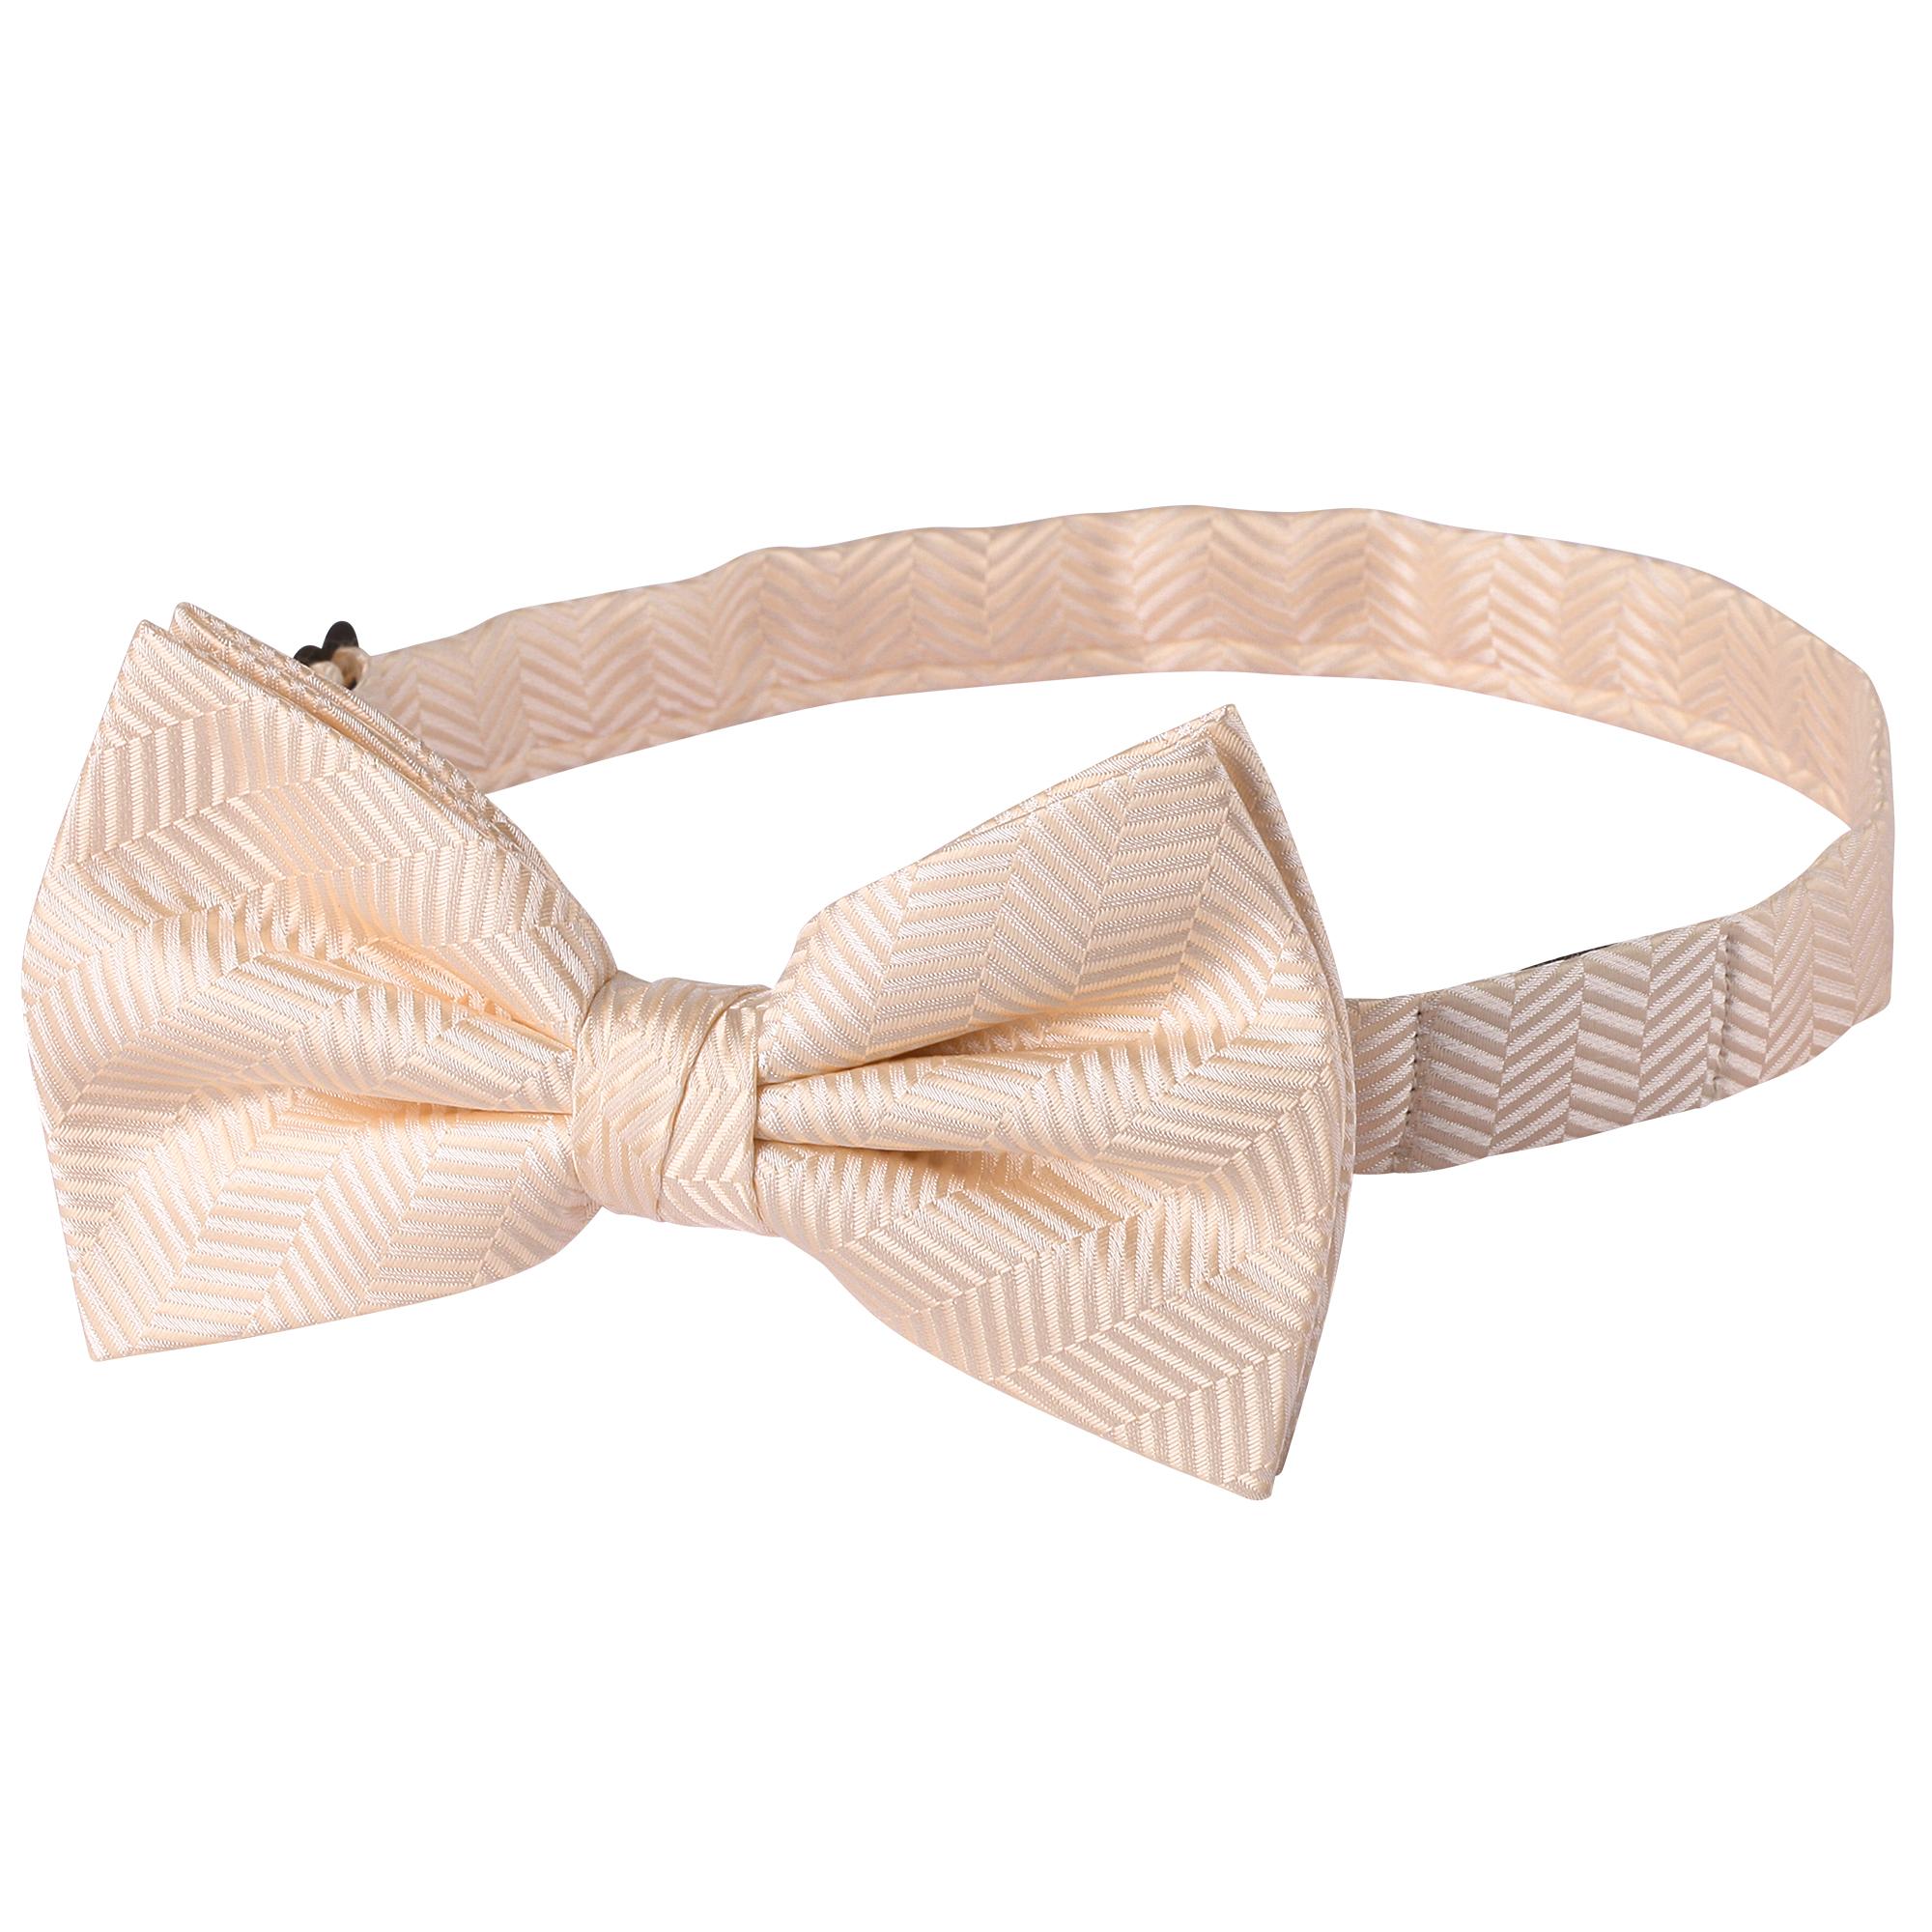 Jacob Alexander Men/'s Tone on Tone Herringbone Pre-Tied Bow Tie